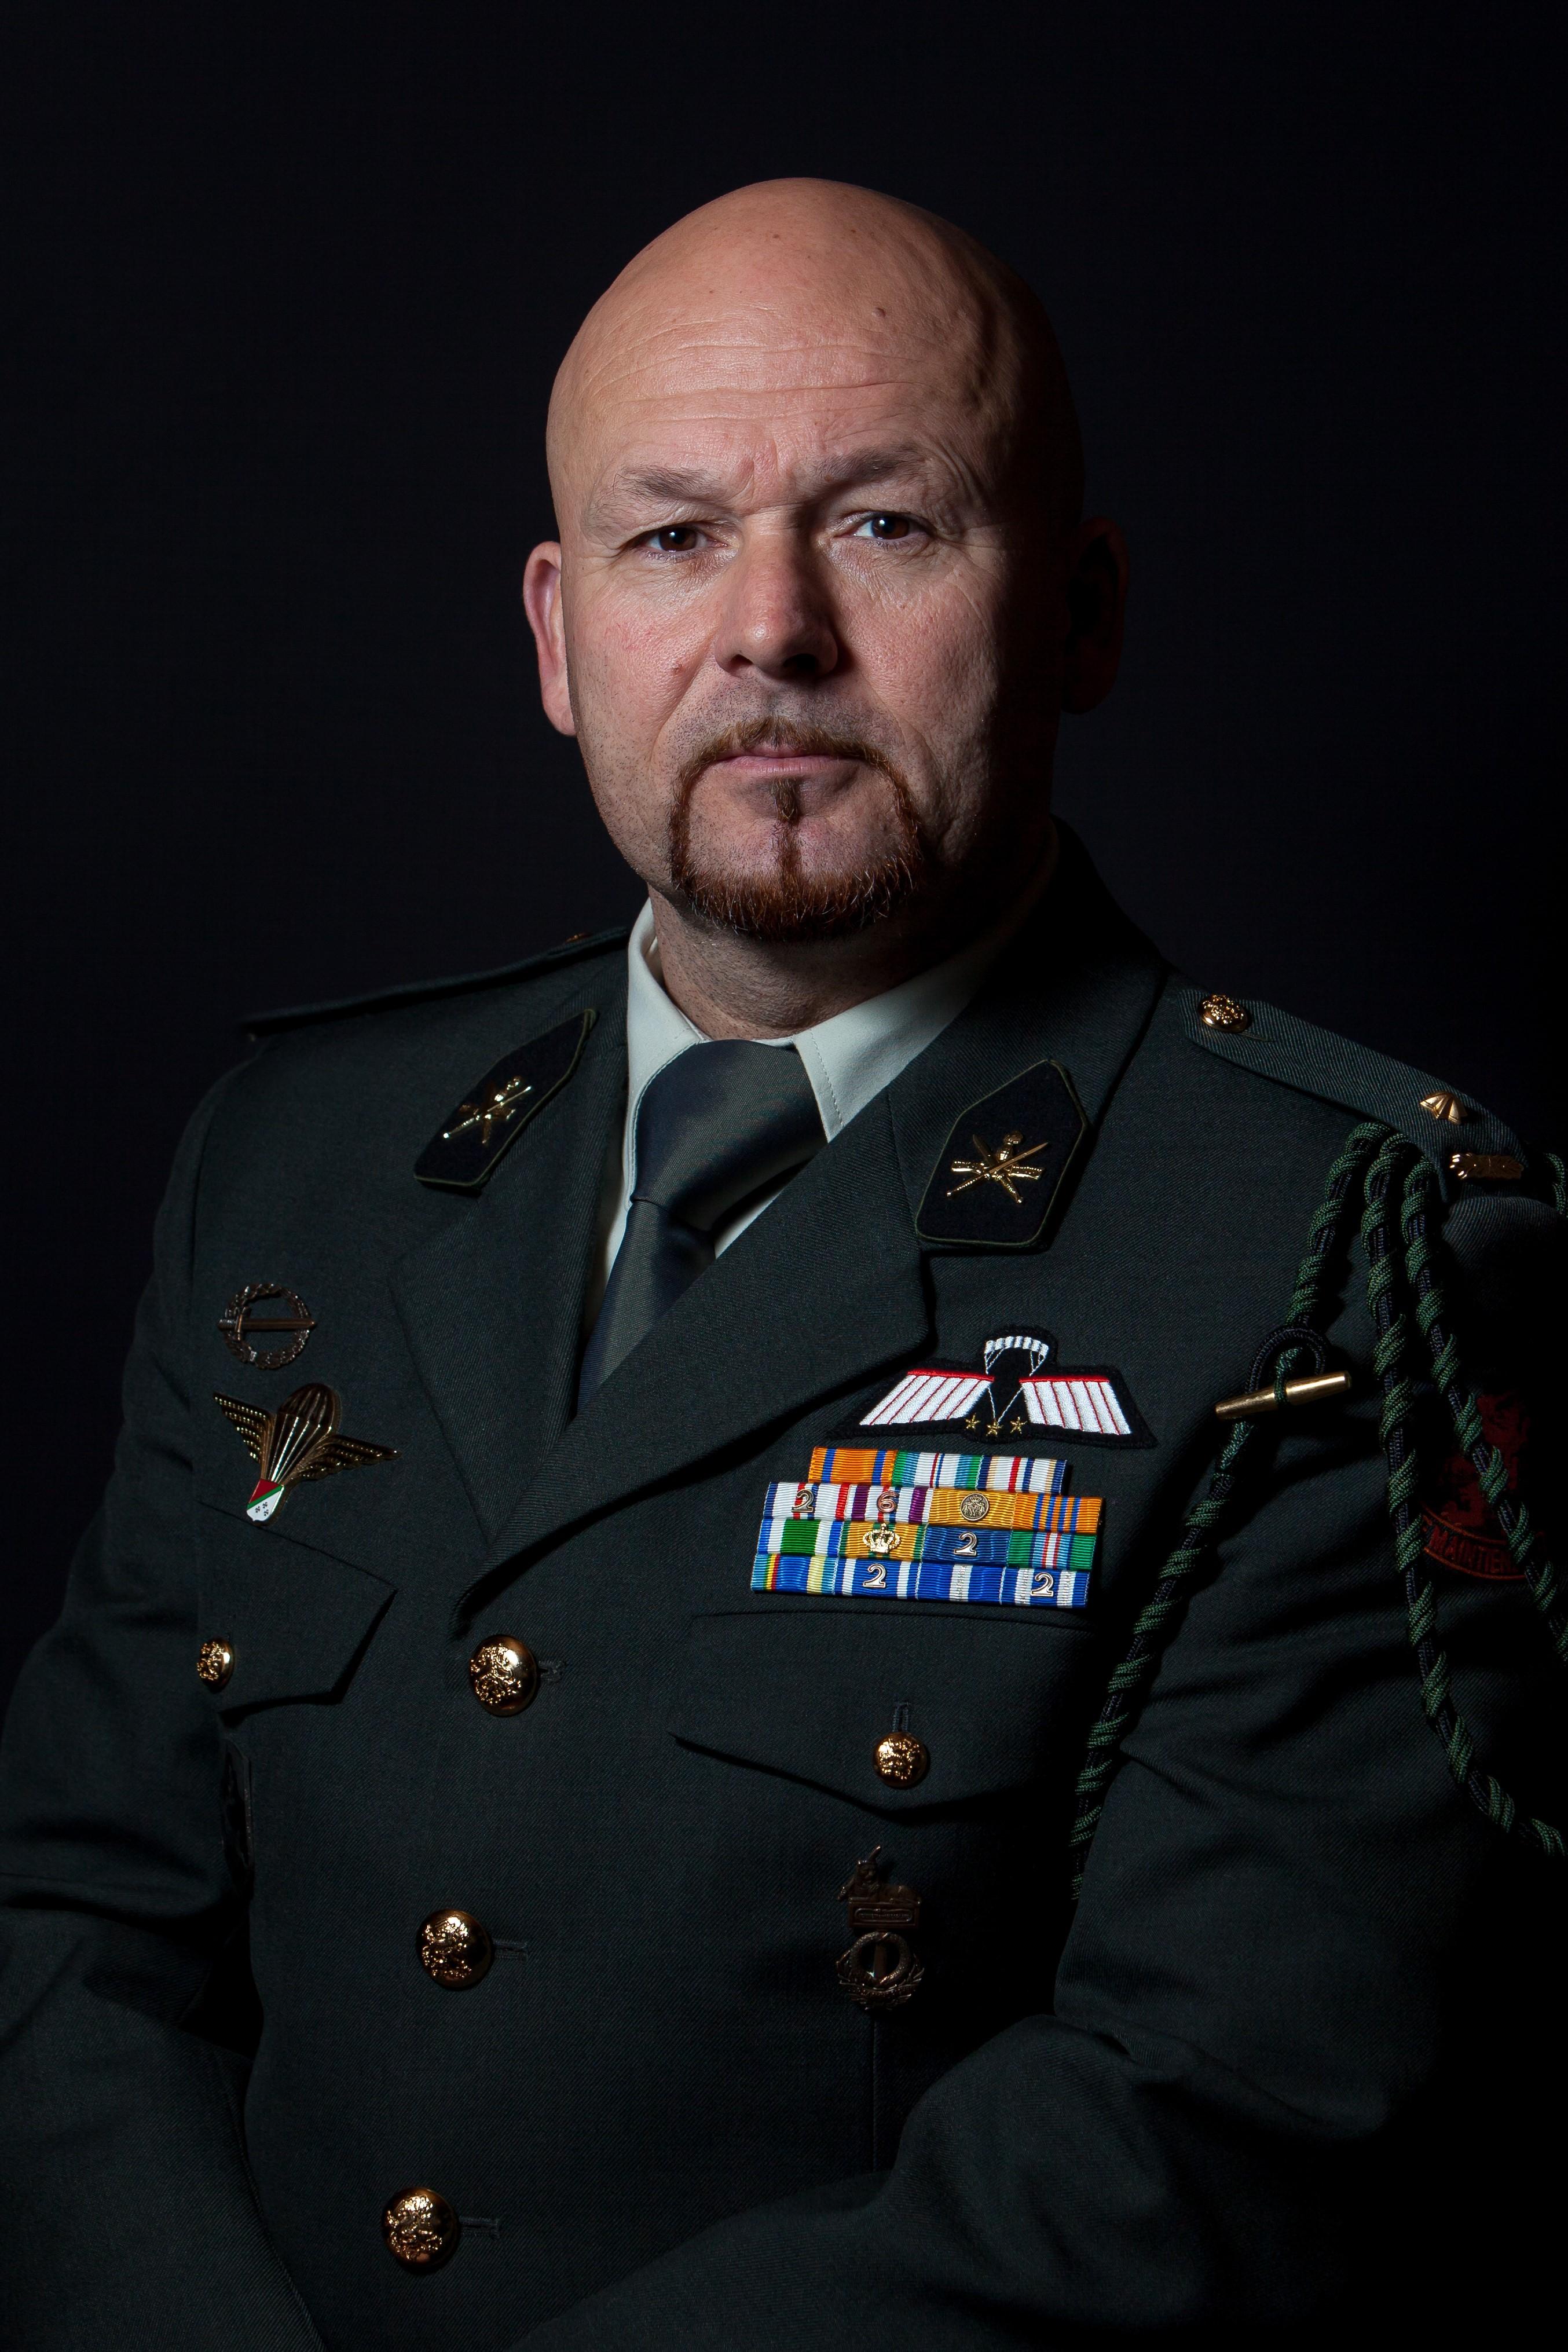 Marco Kroon